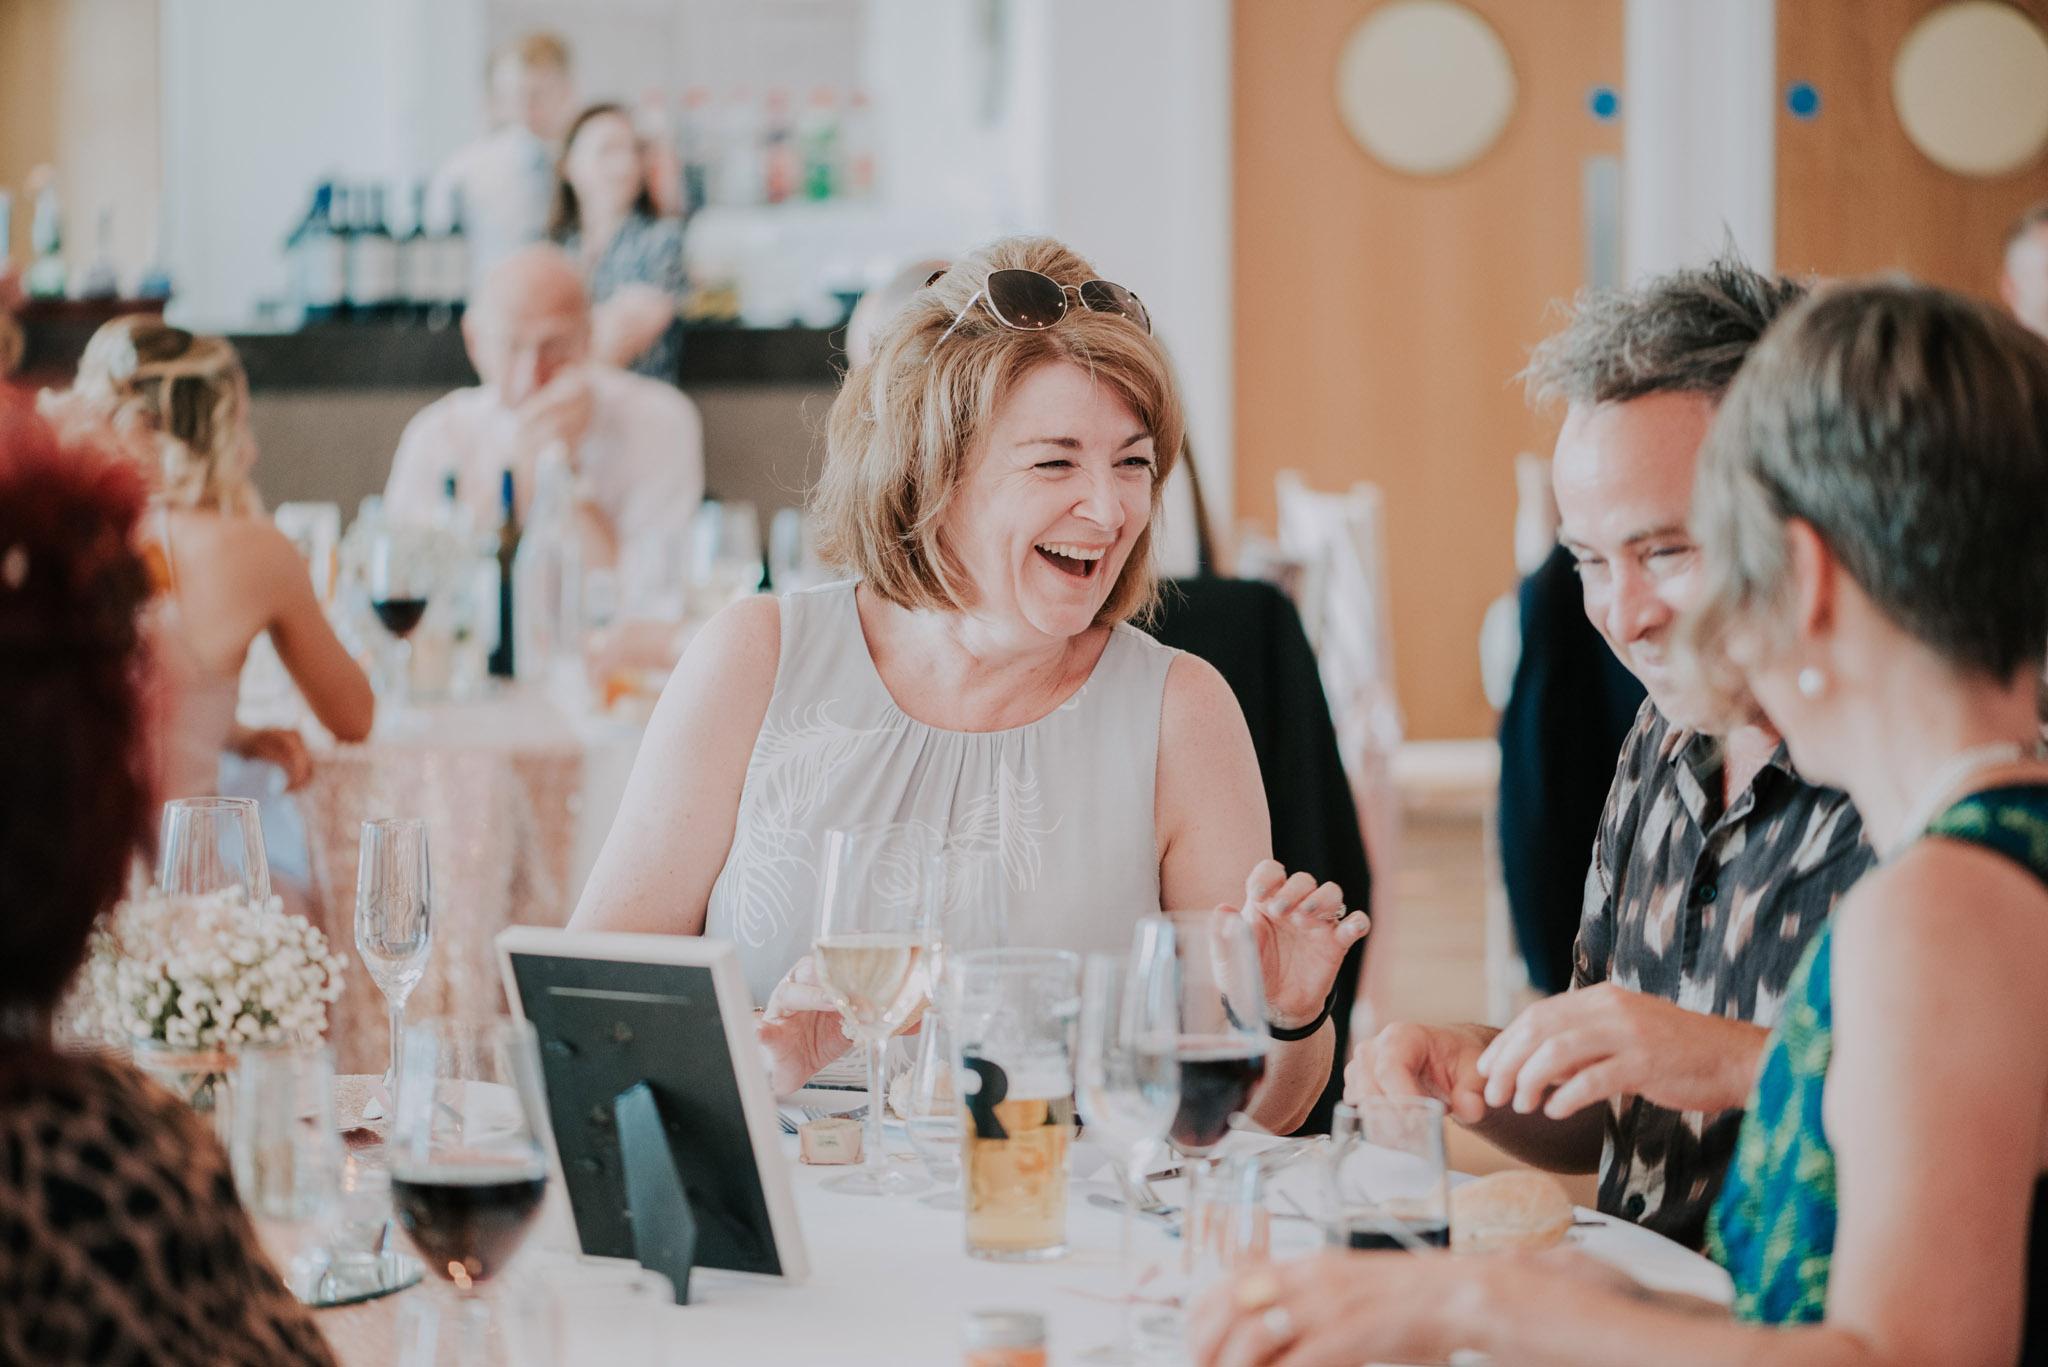 scott-stockwell-wedding-photographer-wood-norton-evesham281.jpg